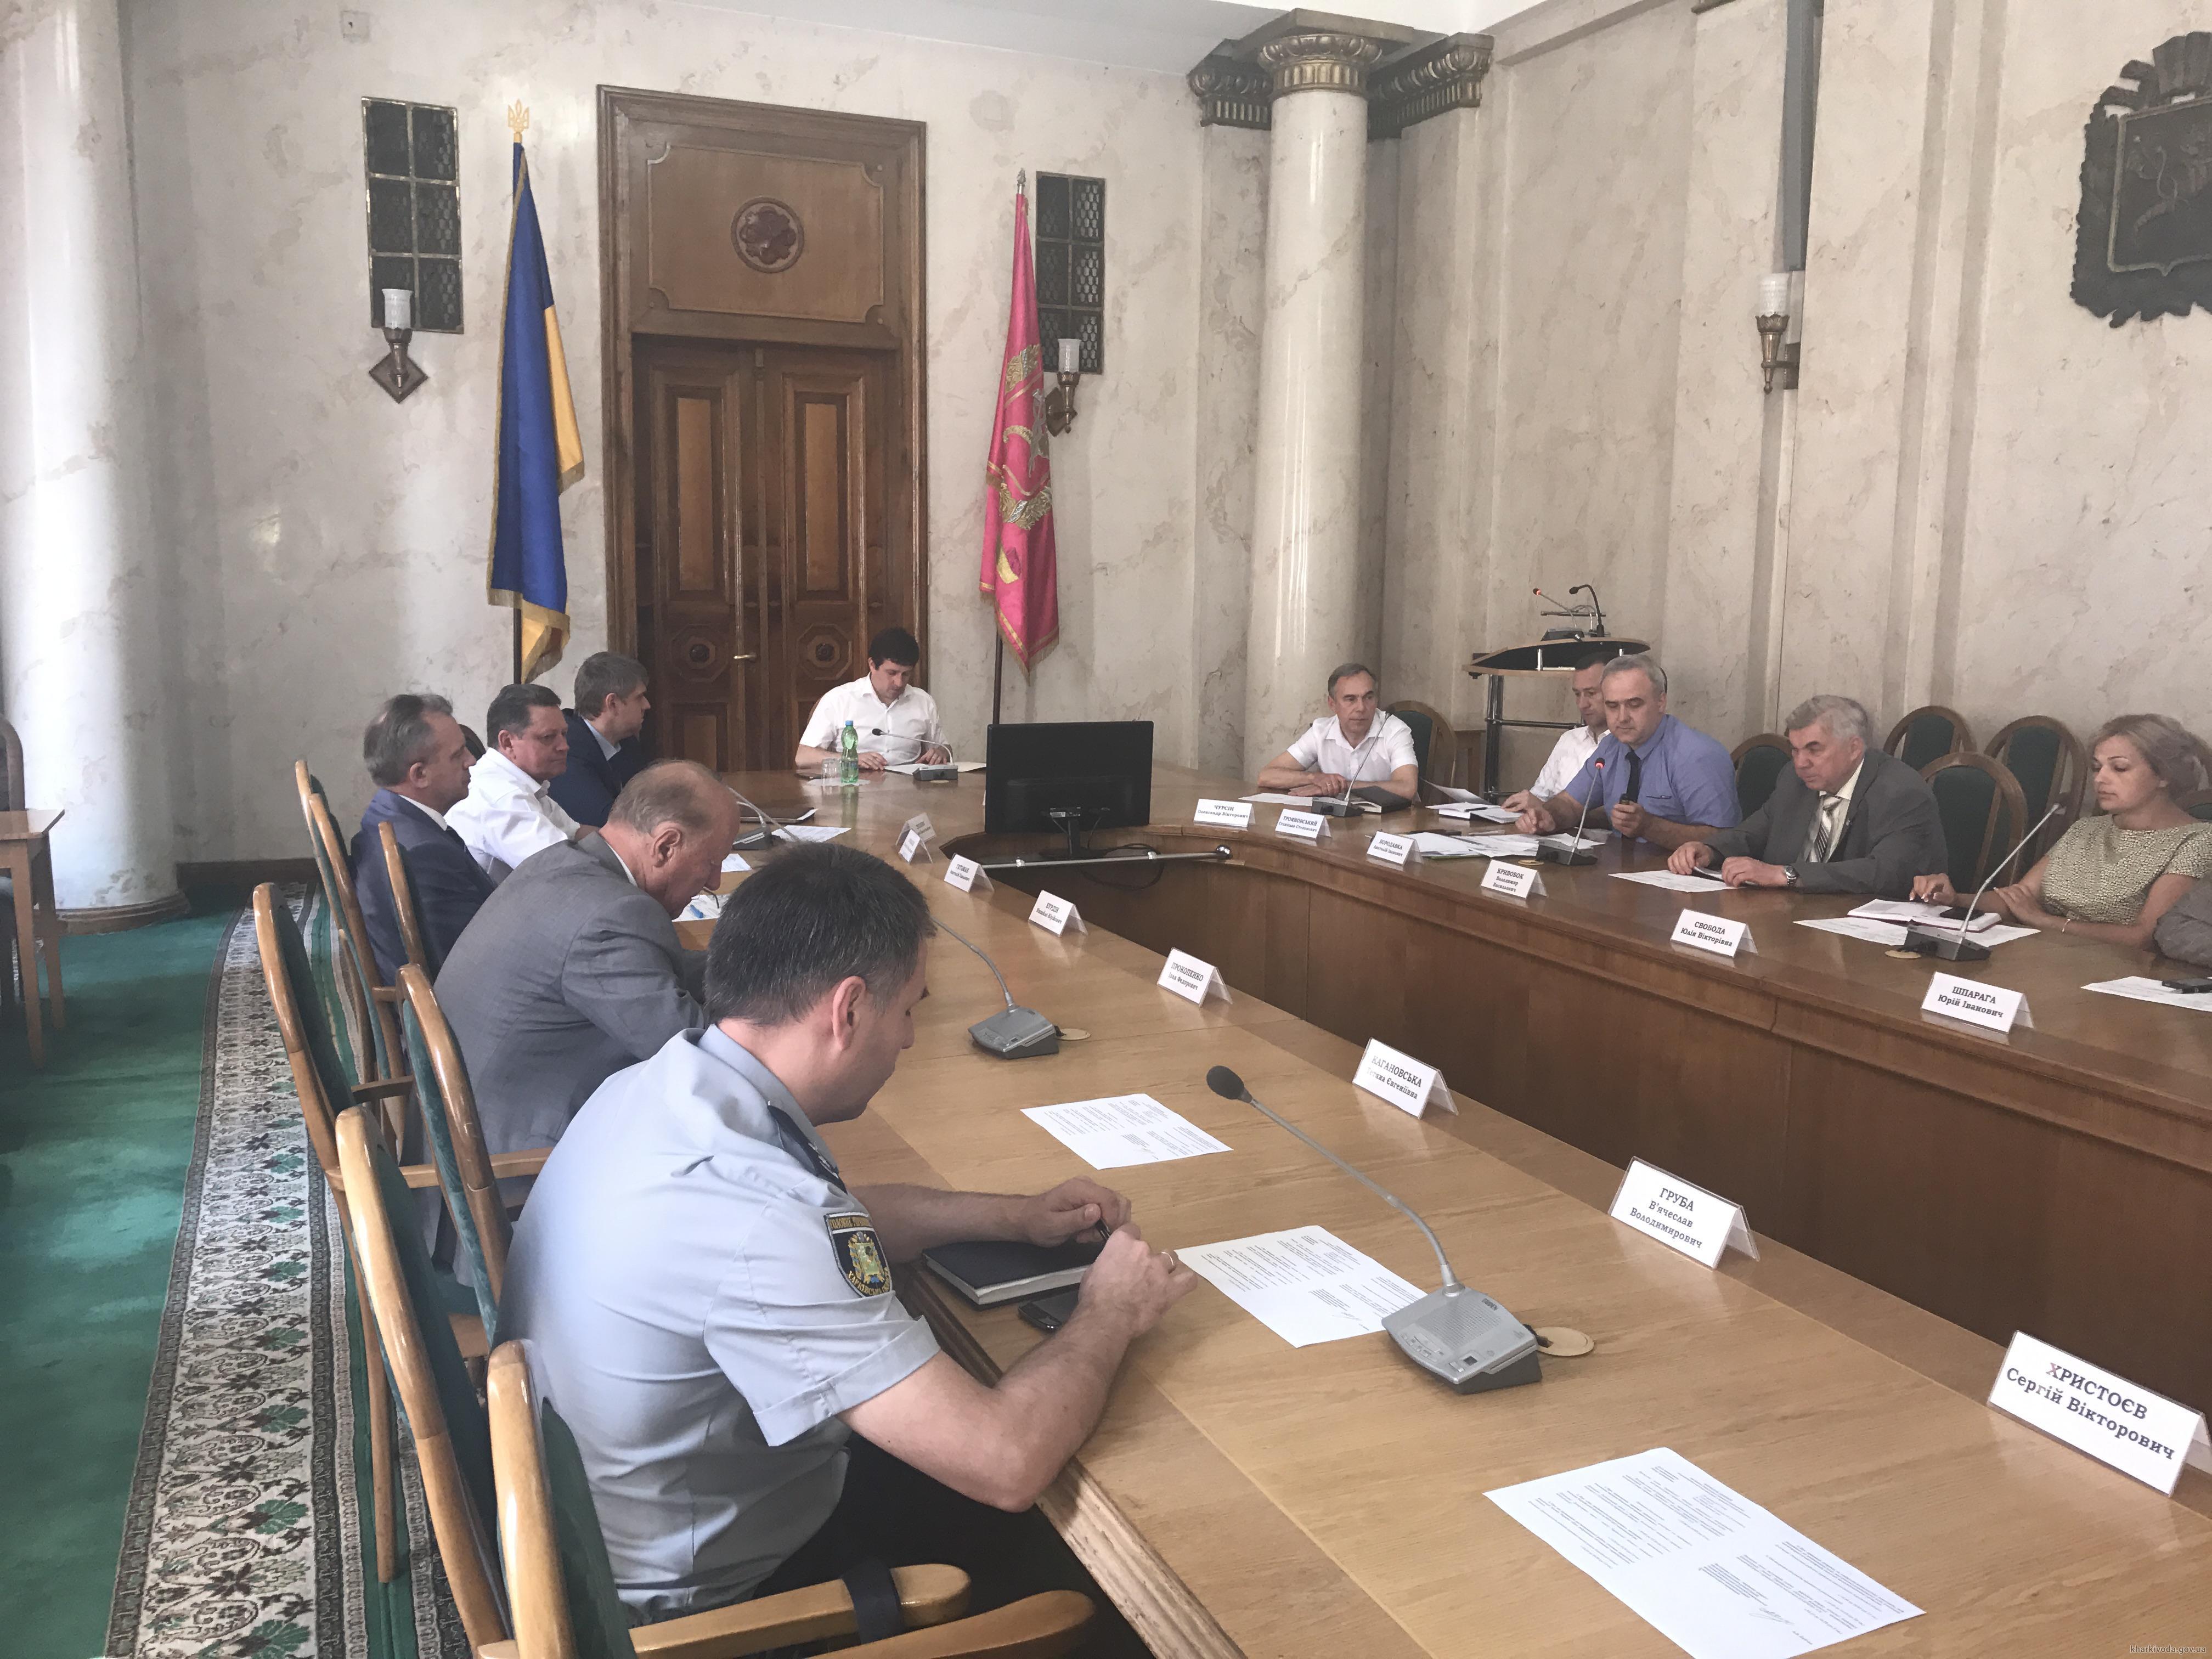 Відбулося засідання міжвідомчої координаційно-методичної ради з правової освіти населення.